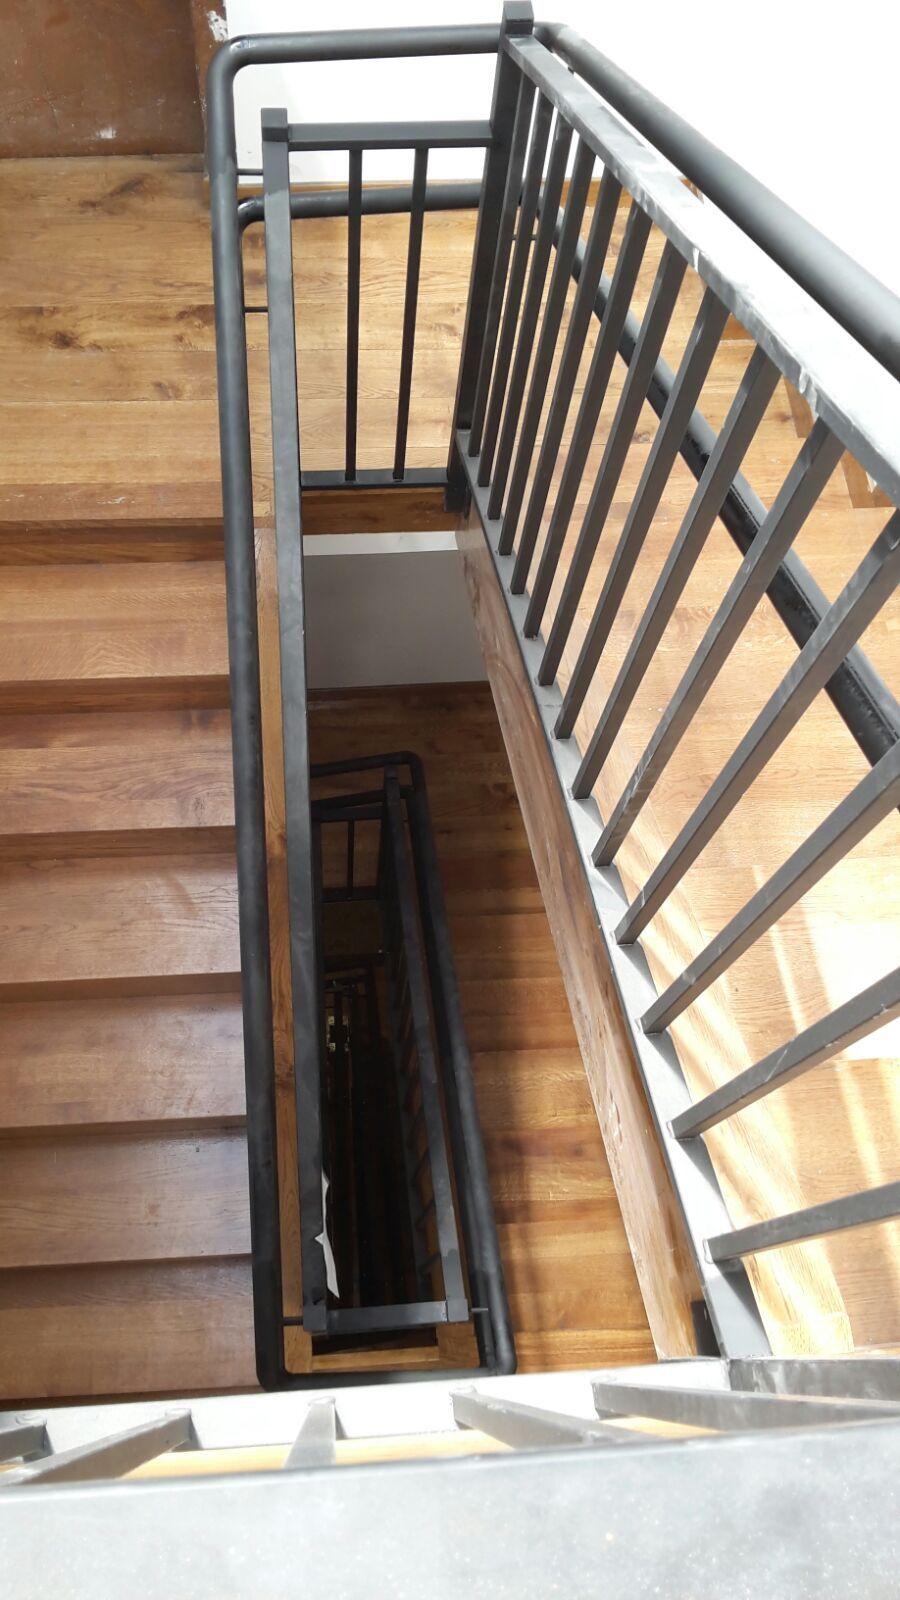 Realizamos pasamanos y escaleras de hierro y acero inoxidable